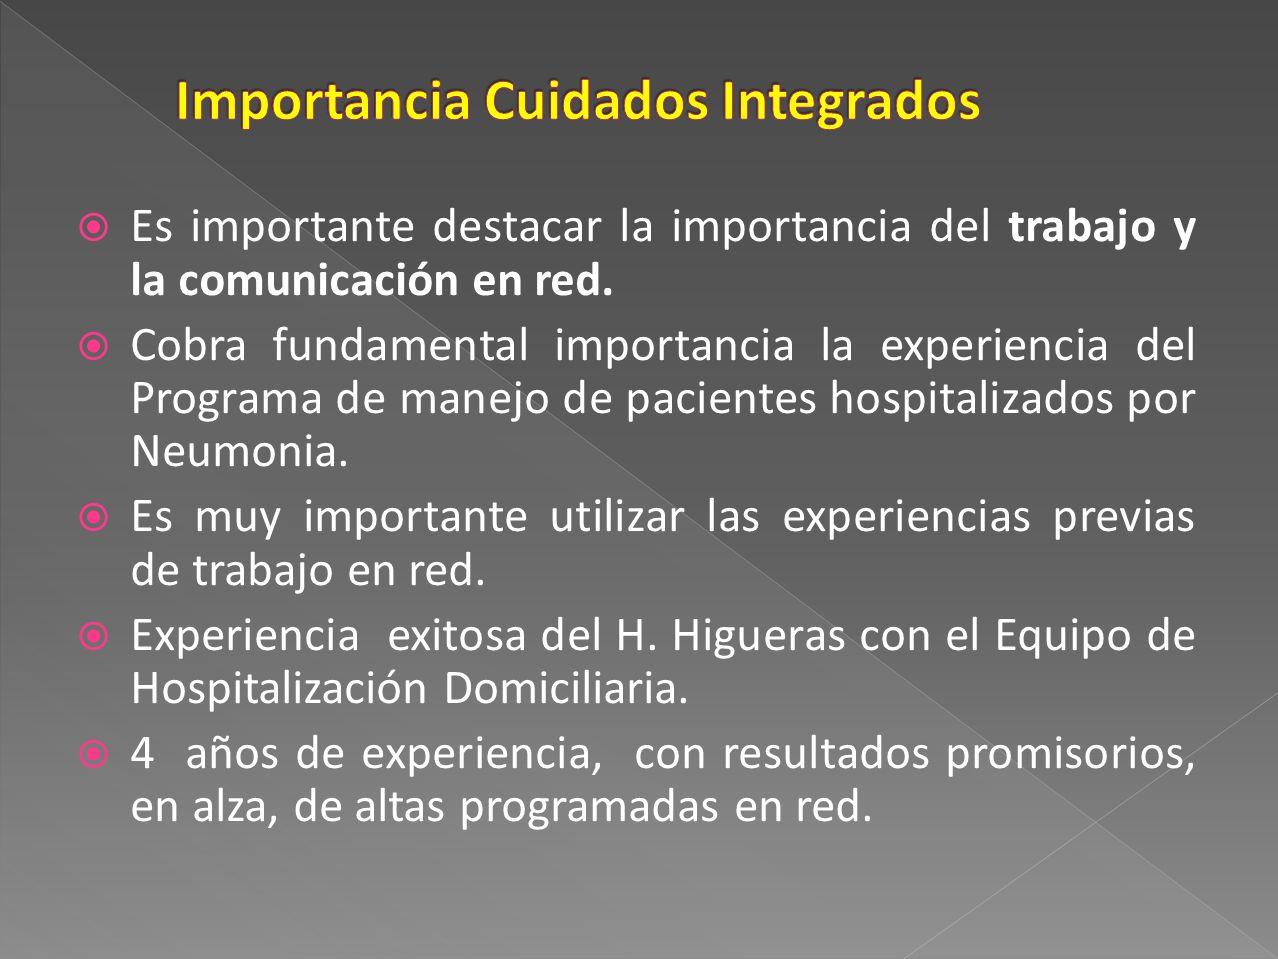 Importancia Cuidados Integrados